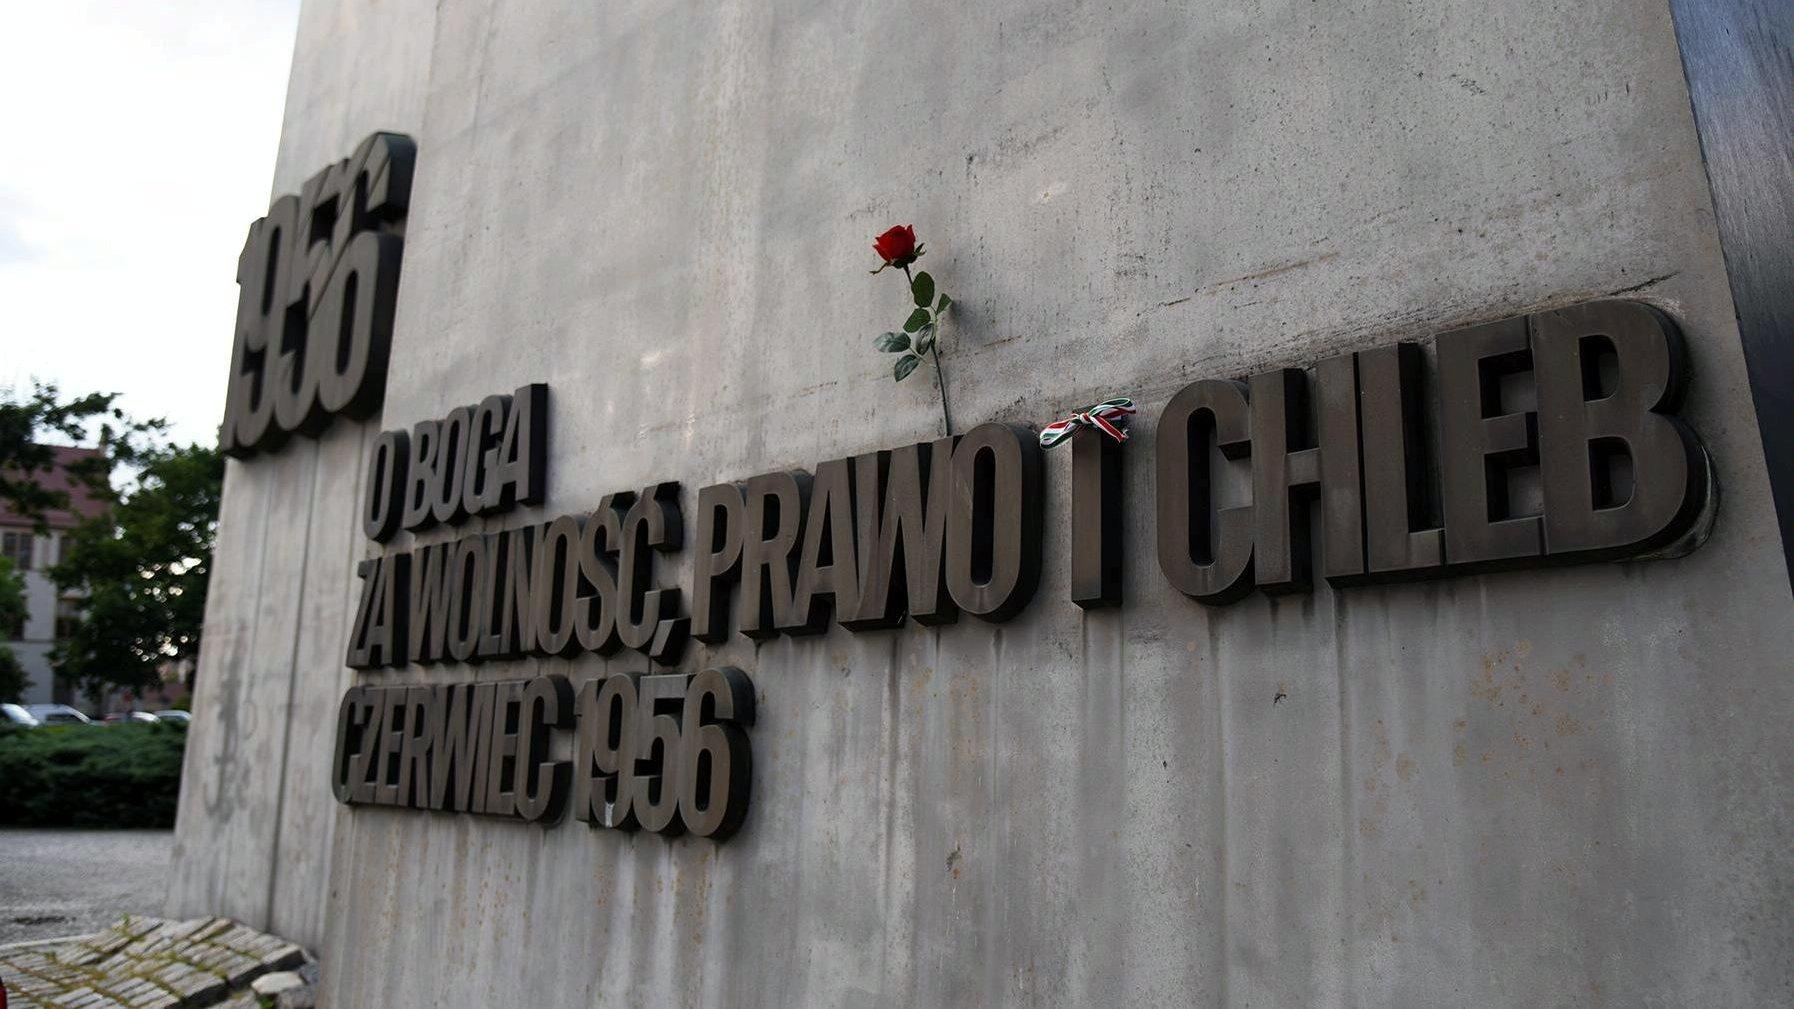 Zdjęcie pomnika Poznańskiego Czerwca. Na pierwszym planie litery na pomniku, w nie wetknięta pojedyncza czerwona róża - grafika artykułu